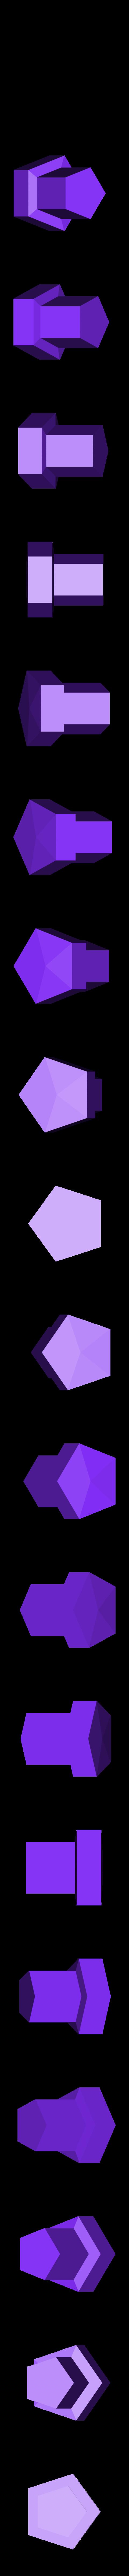 5xblack.stl Download free STL file Snowman • Object to 3D print, Raeunn3D